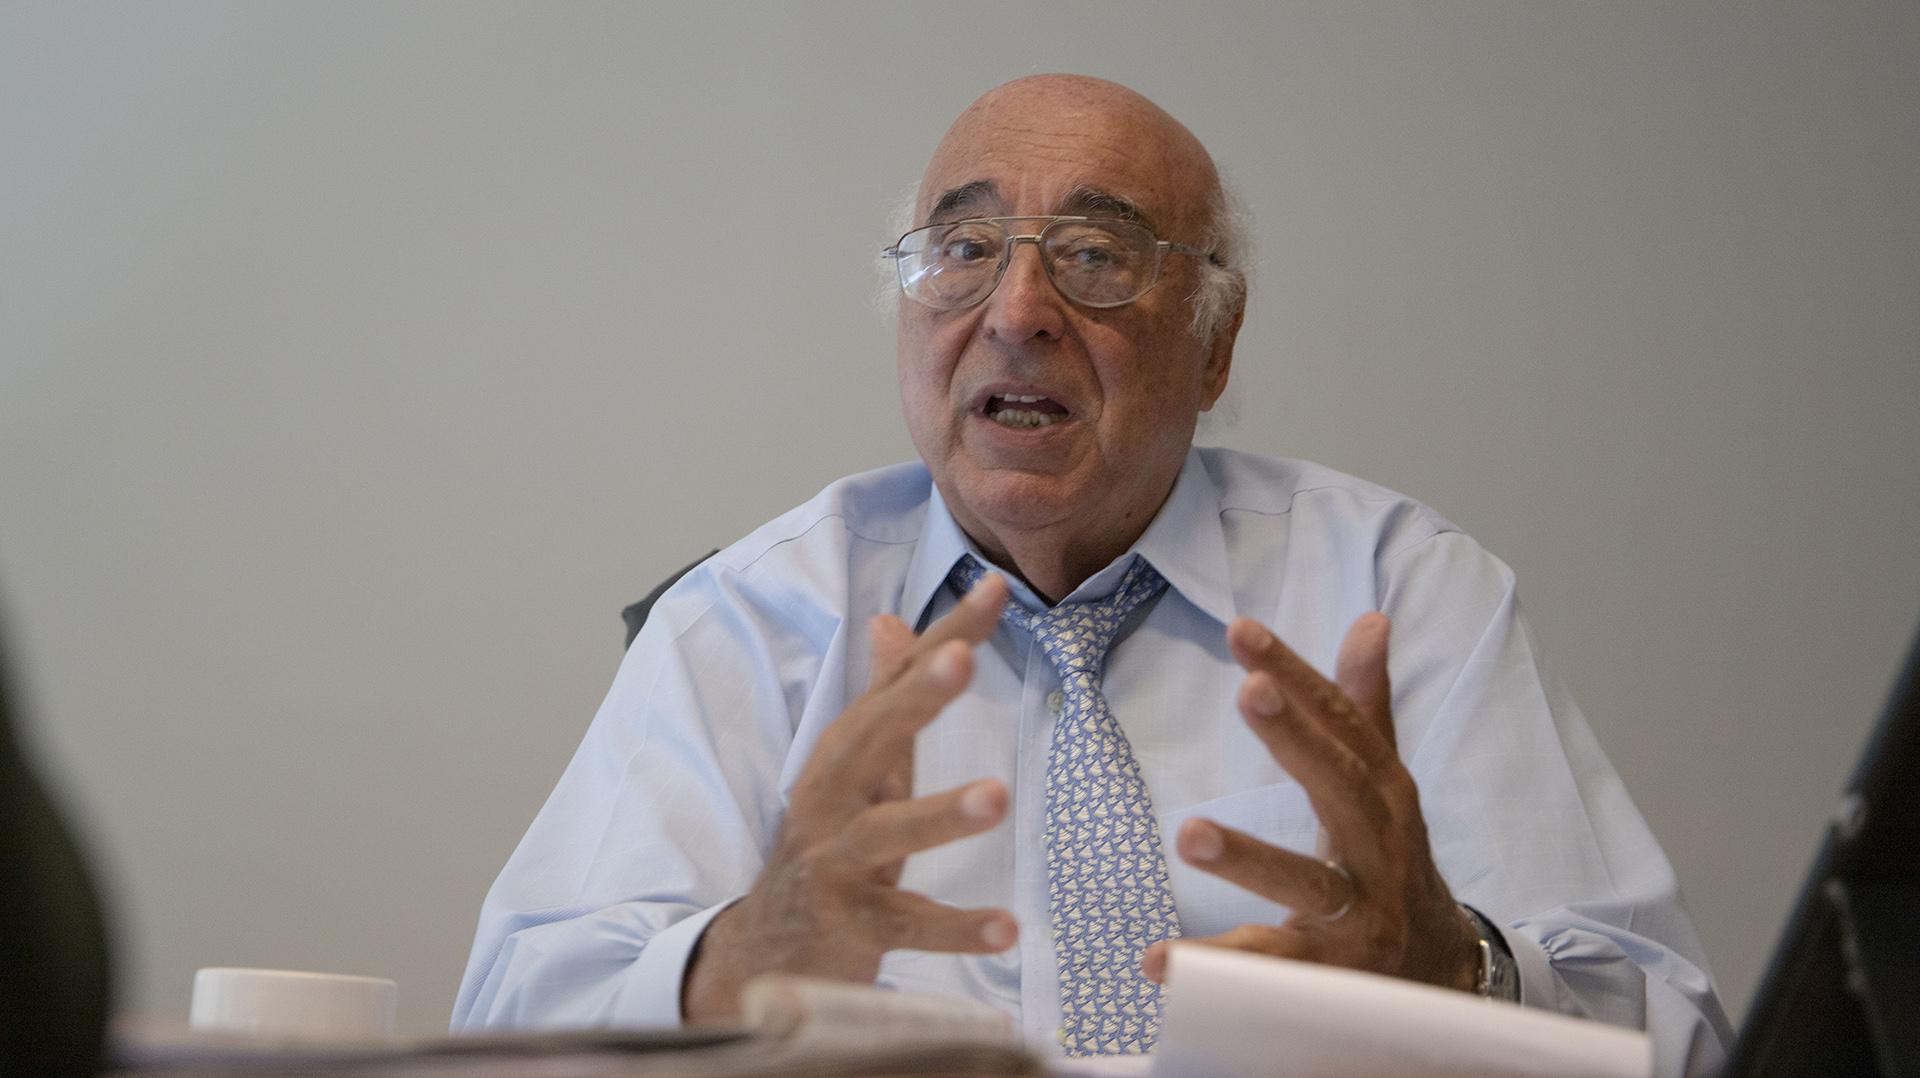 """Broda: """"Tengo una visión positiva de lo que está pasando, en un contexto donde el país recibió una fuerte caída de la demanda por activos argentinos, y con la sola entrada de capitales teníamos vulnerabilidades muy grandes"""""""